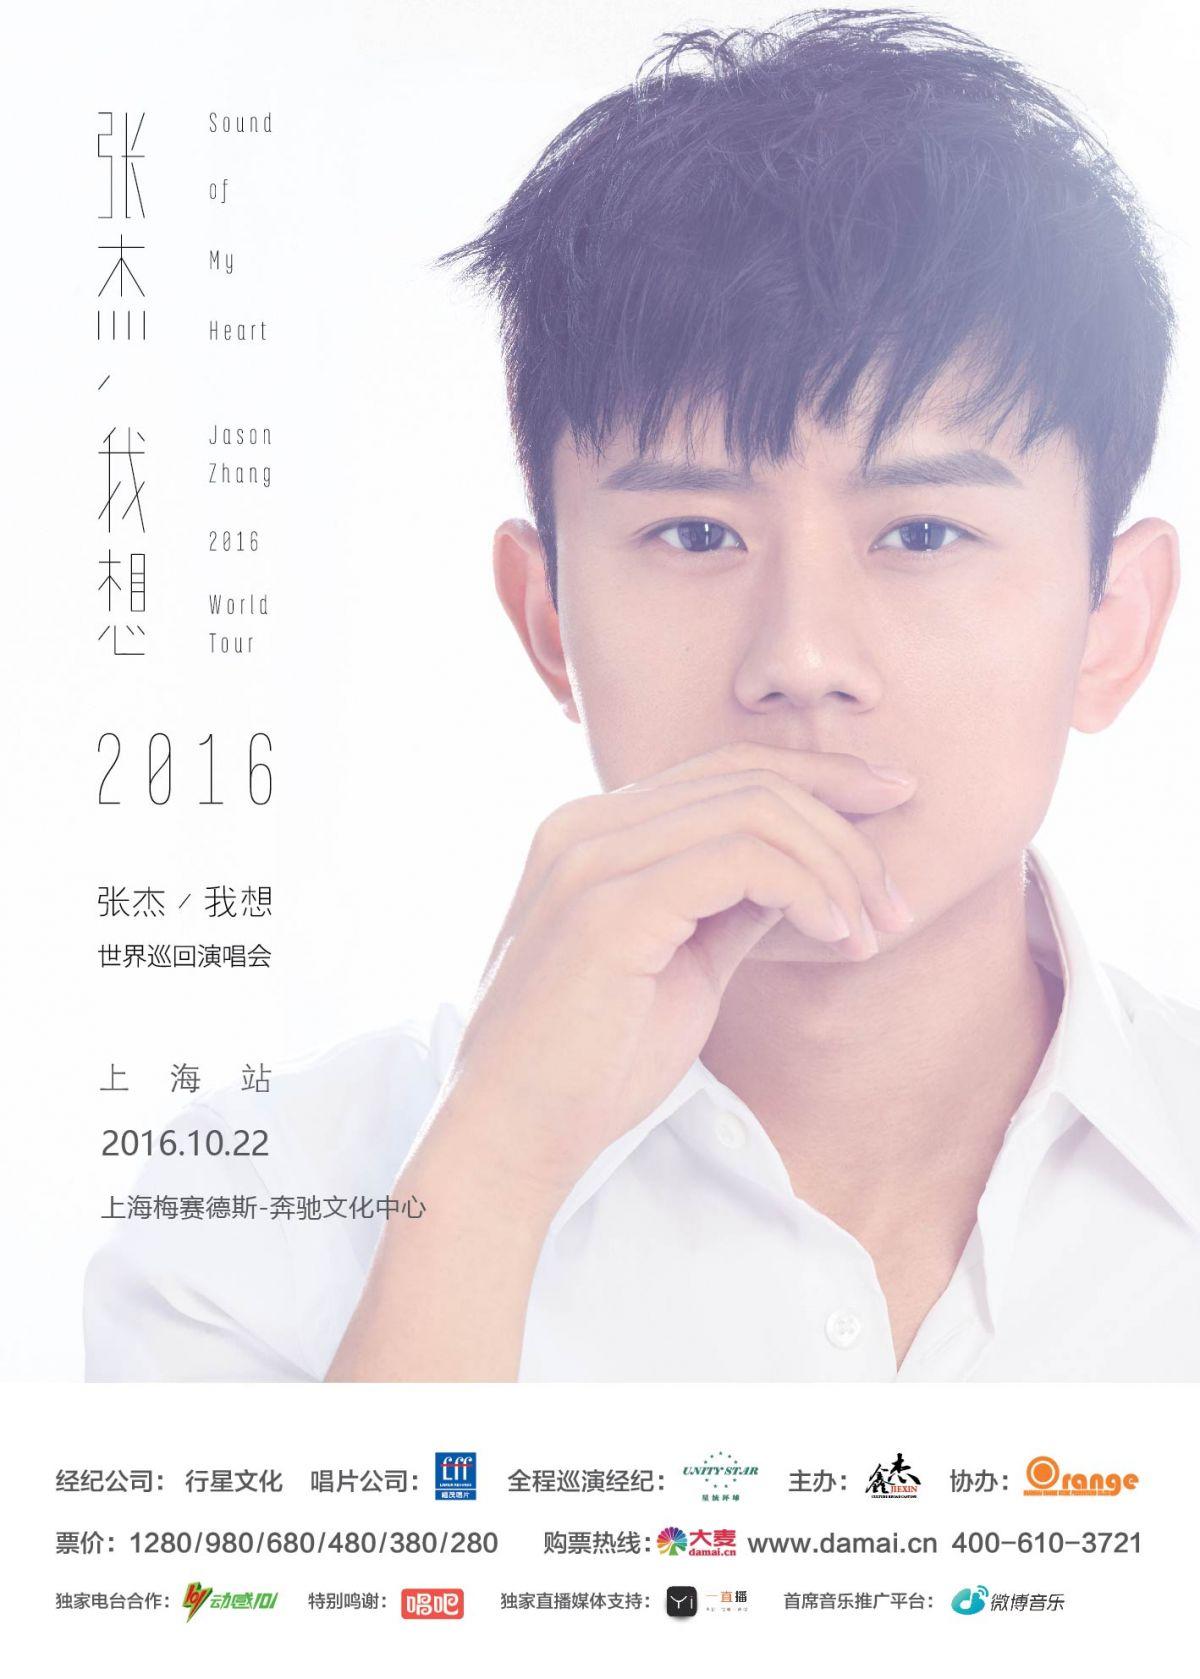 张杰2016演唱会海报